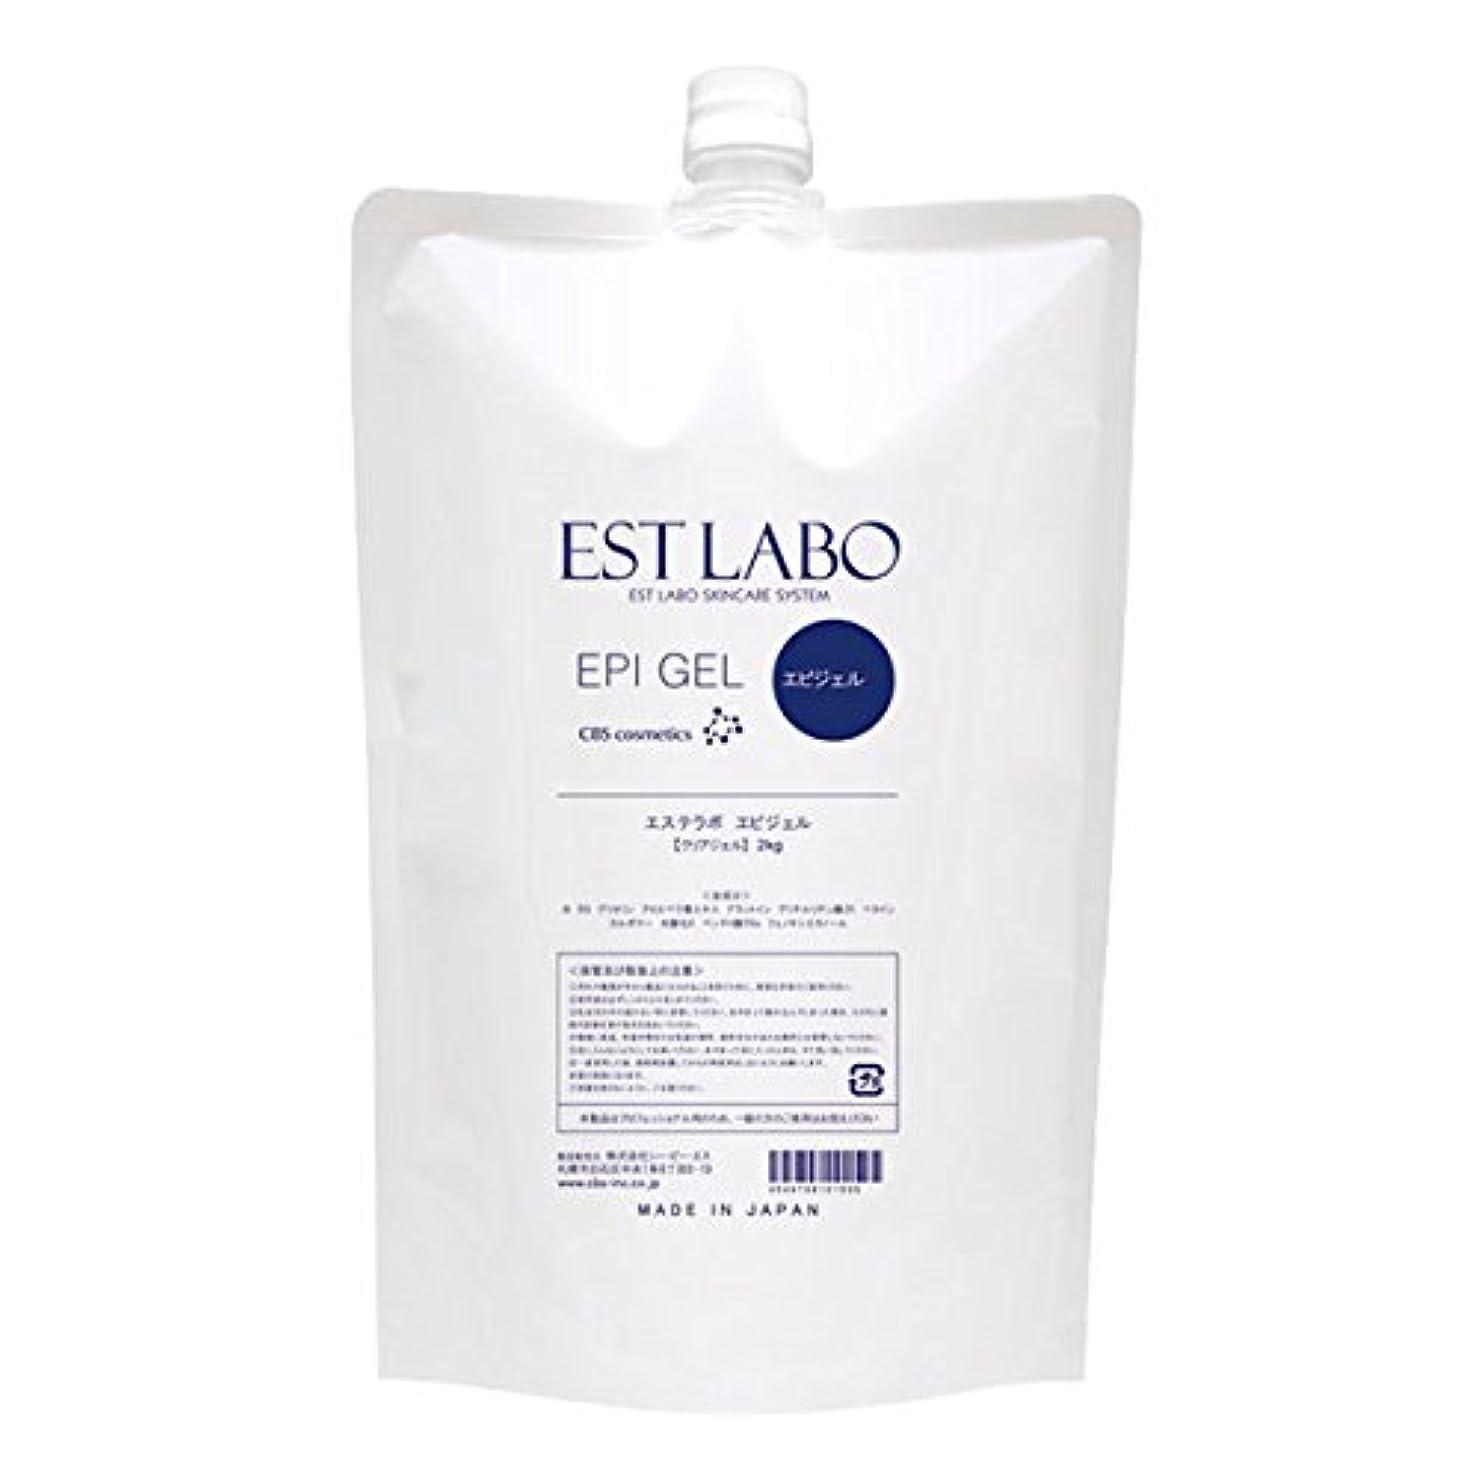 抽出終了しました階層脱毛 EST LABO エピジェル(1袋?2kg)×2 合計2袋?4kg 業務用